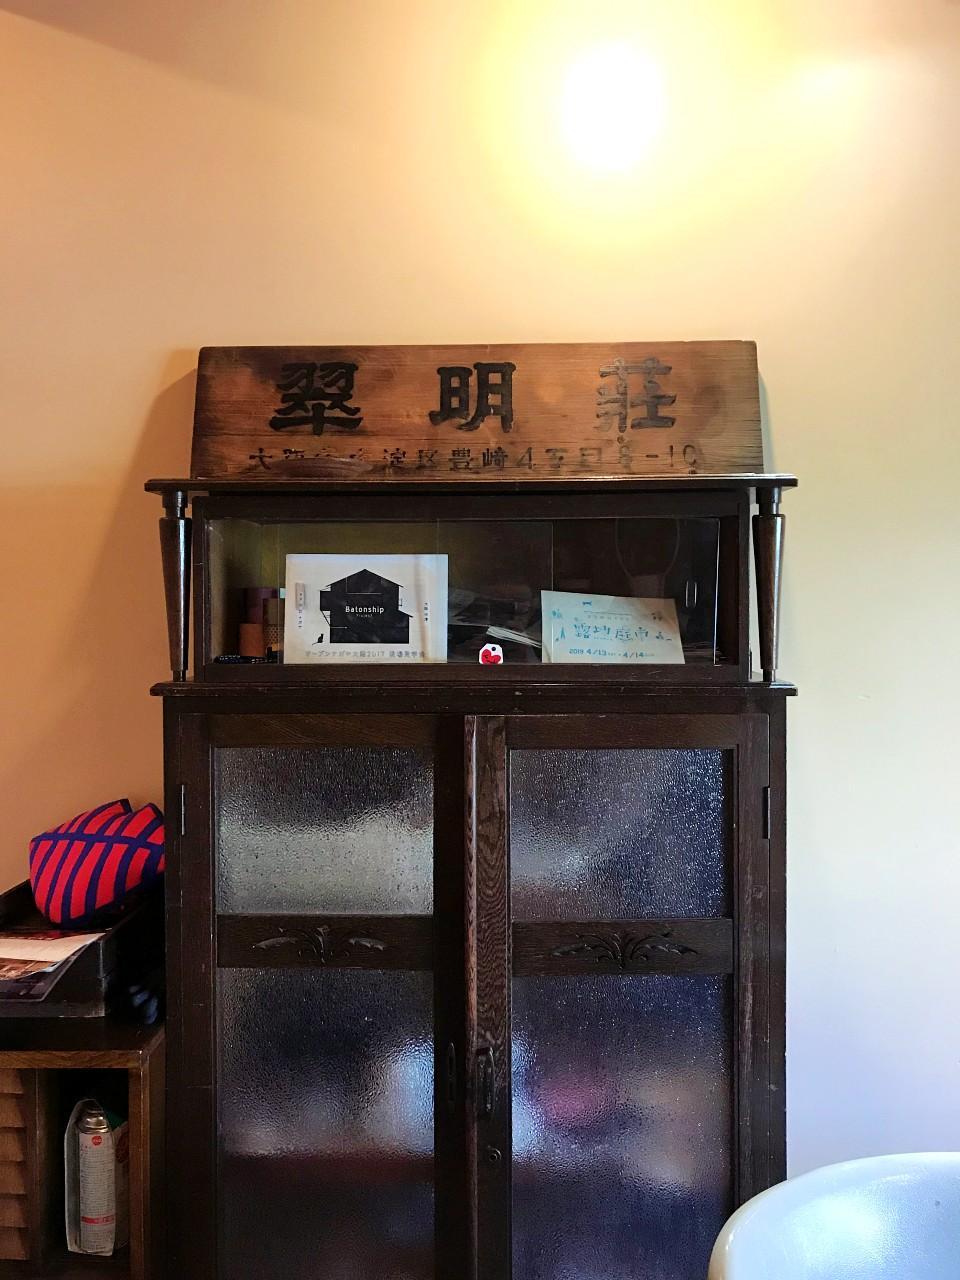 屋号が入った看板。かつて使われていたのでしょうか